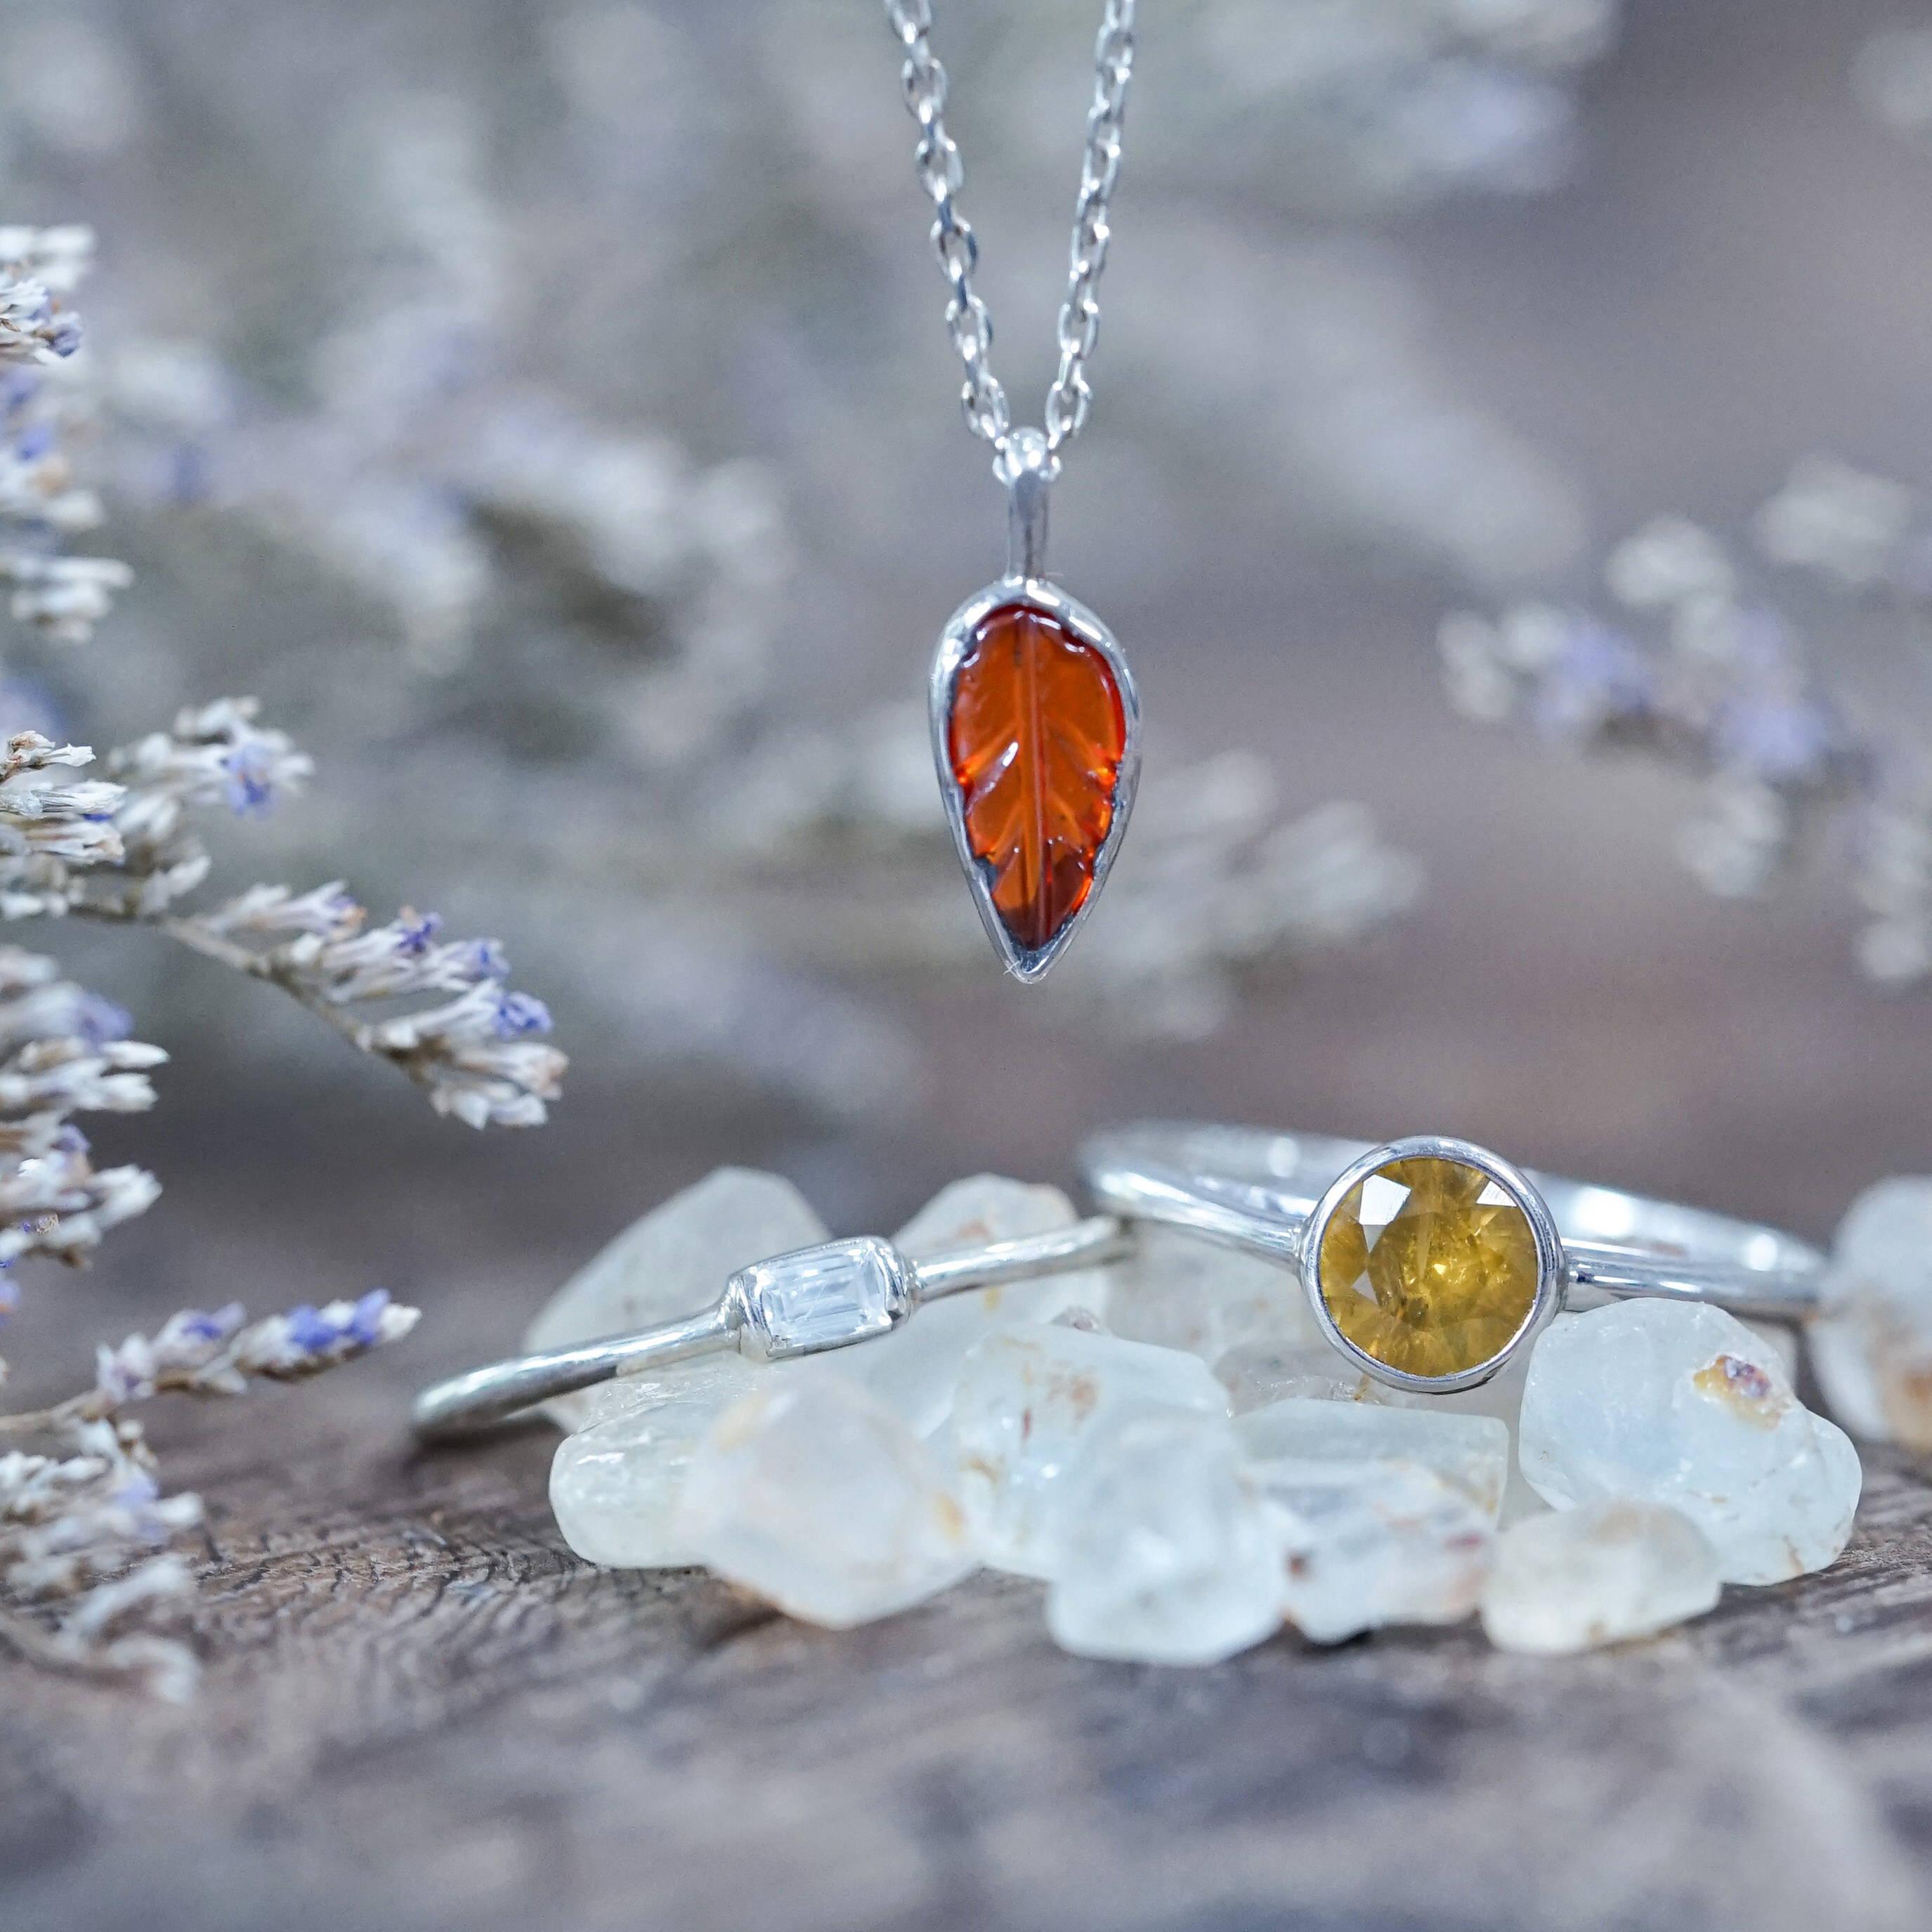 Silver zircon jewelry